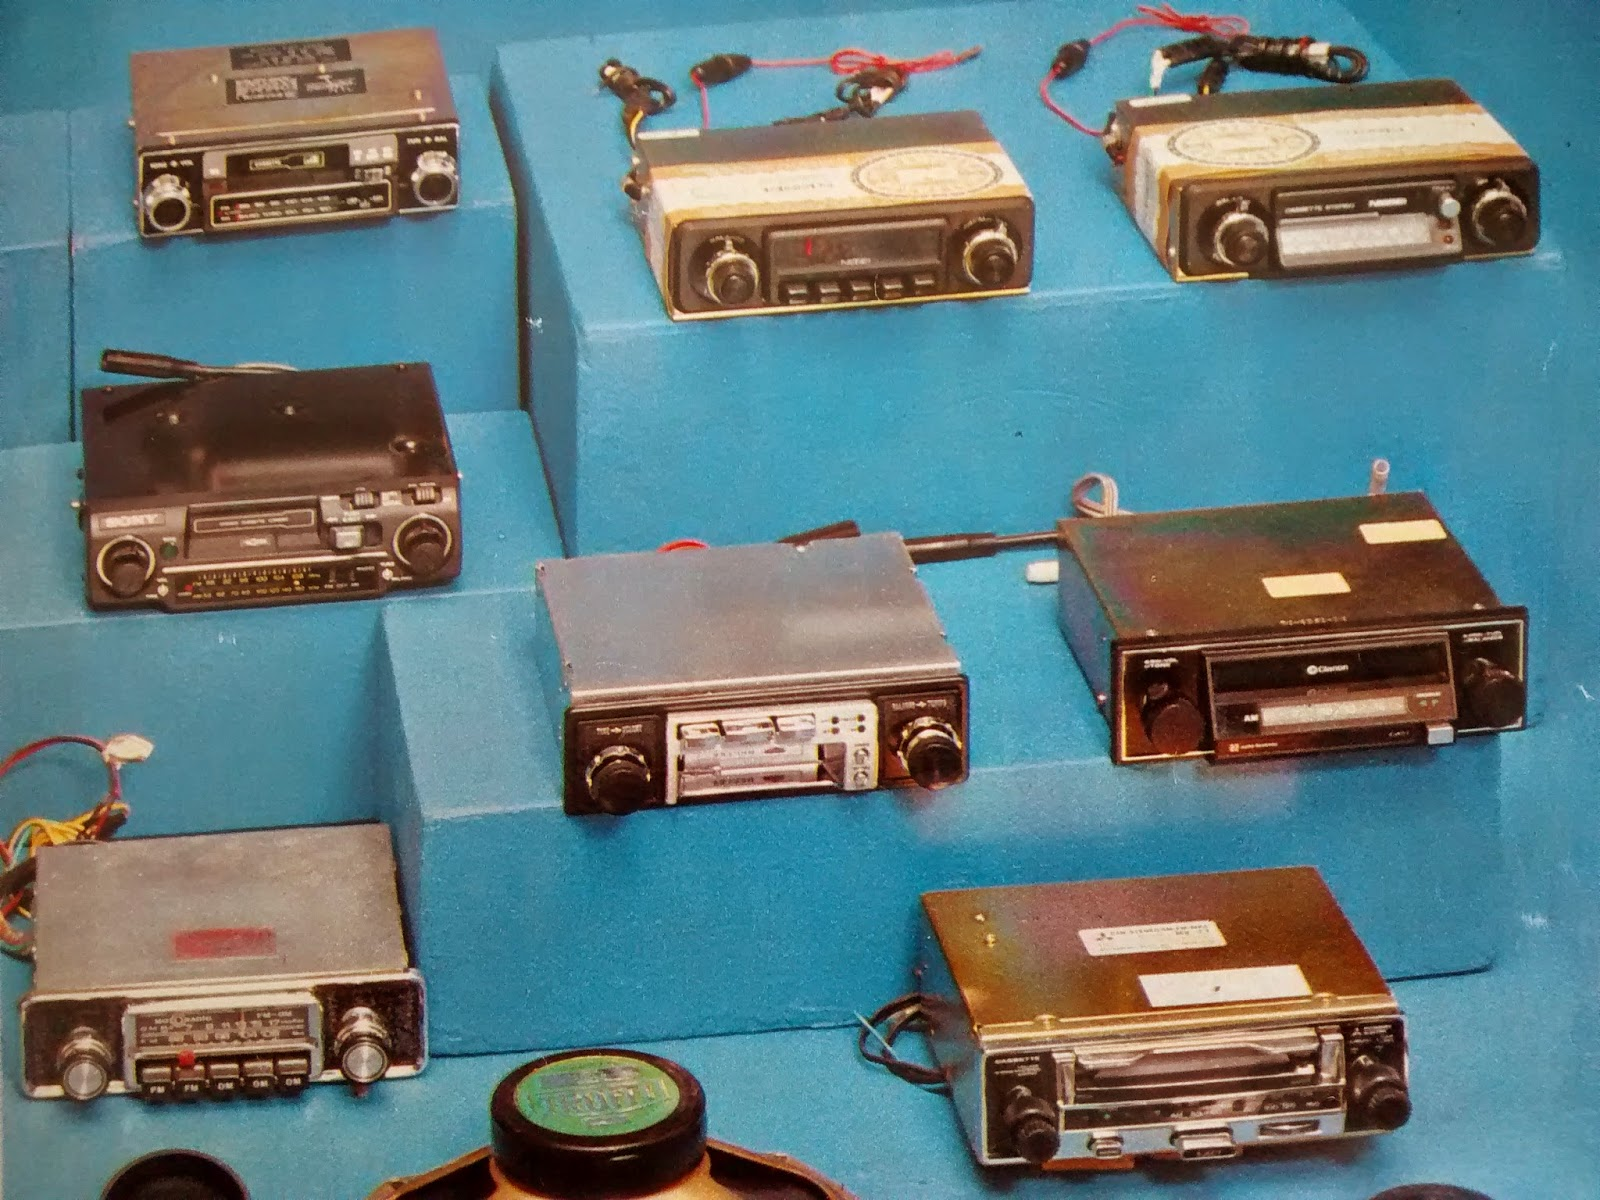 Radios automotivos antigos a venda